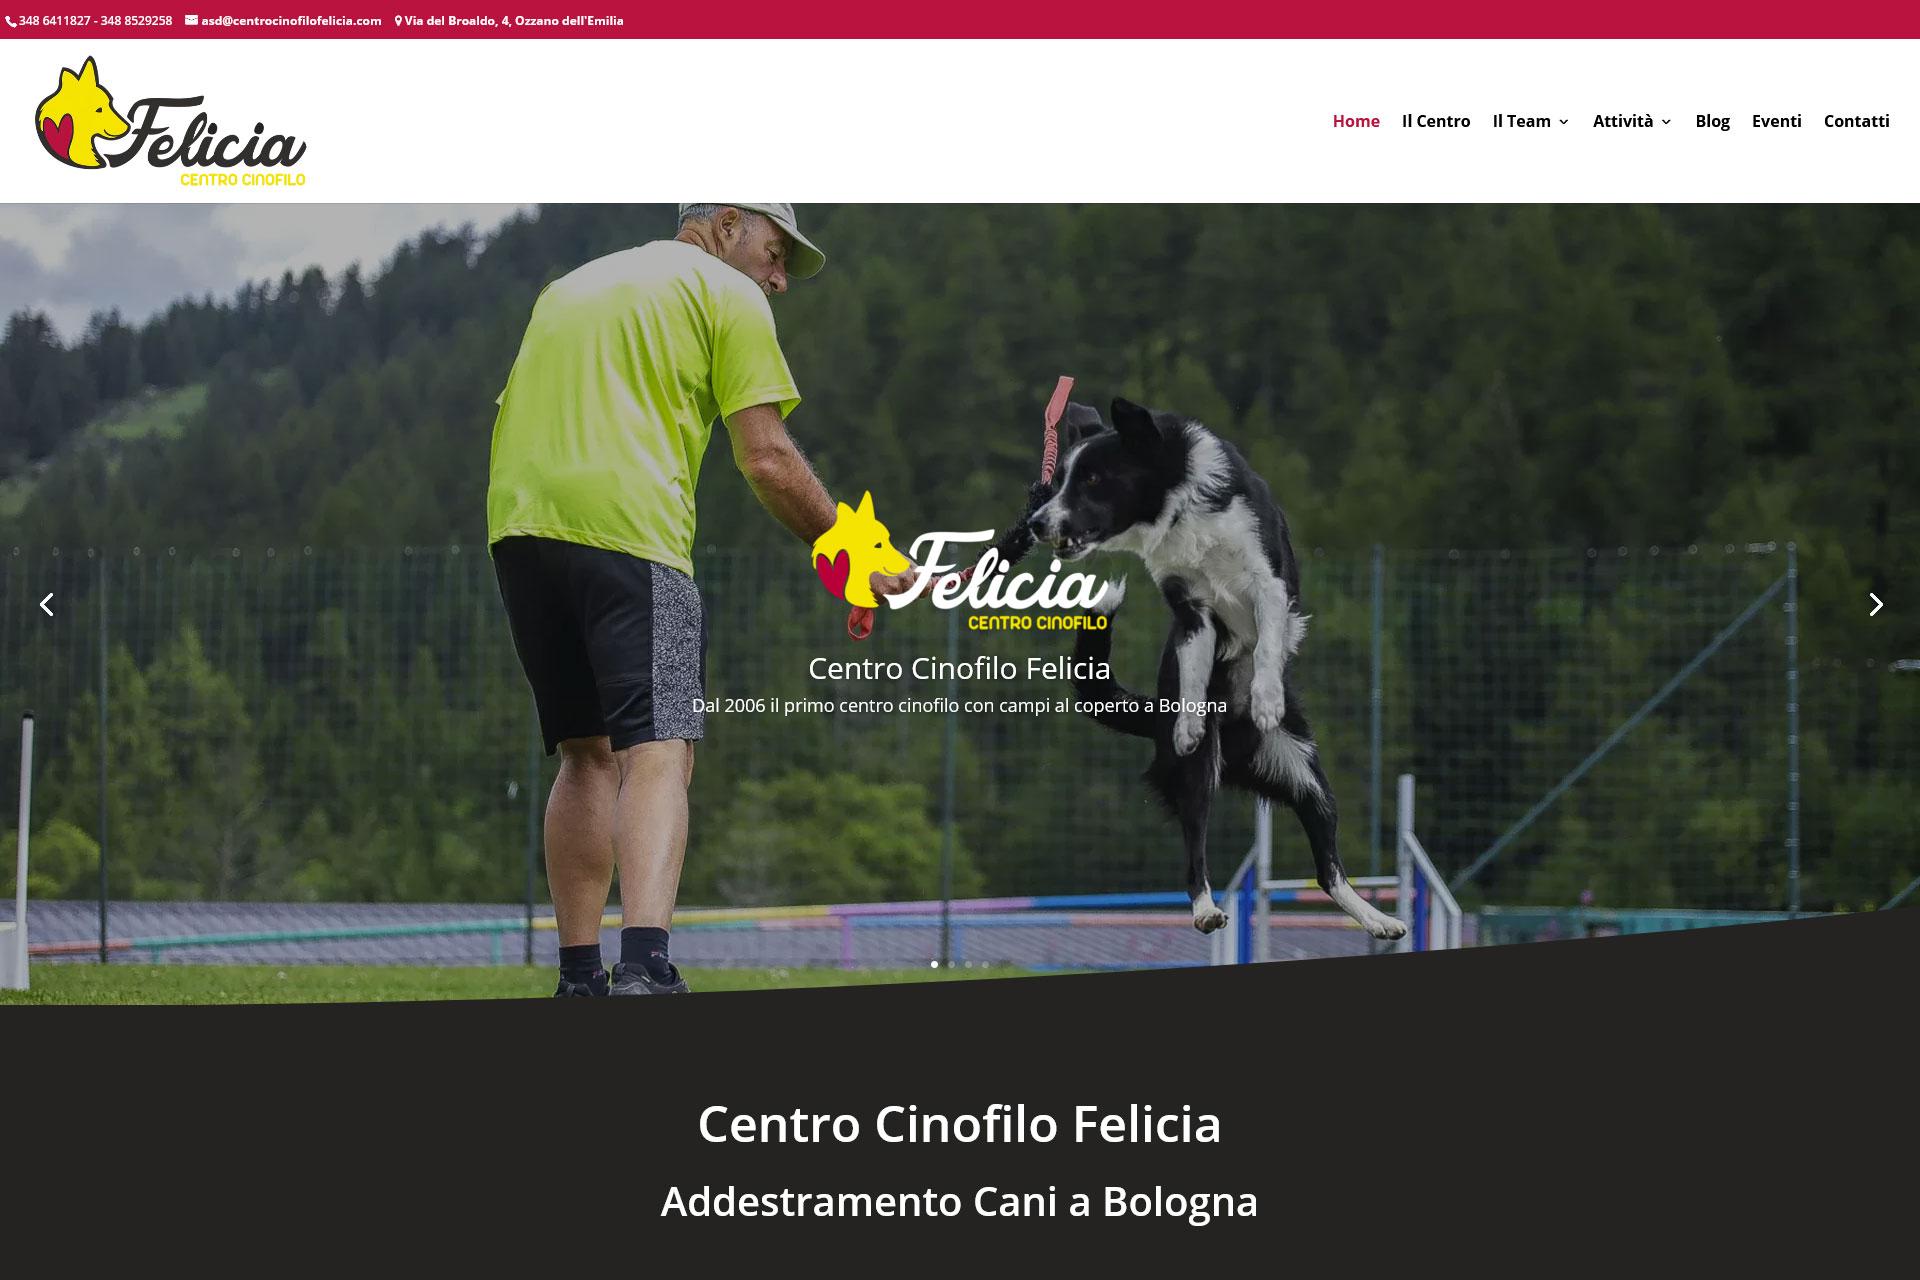 Centro Cinofilo Felicia Sito Web